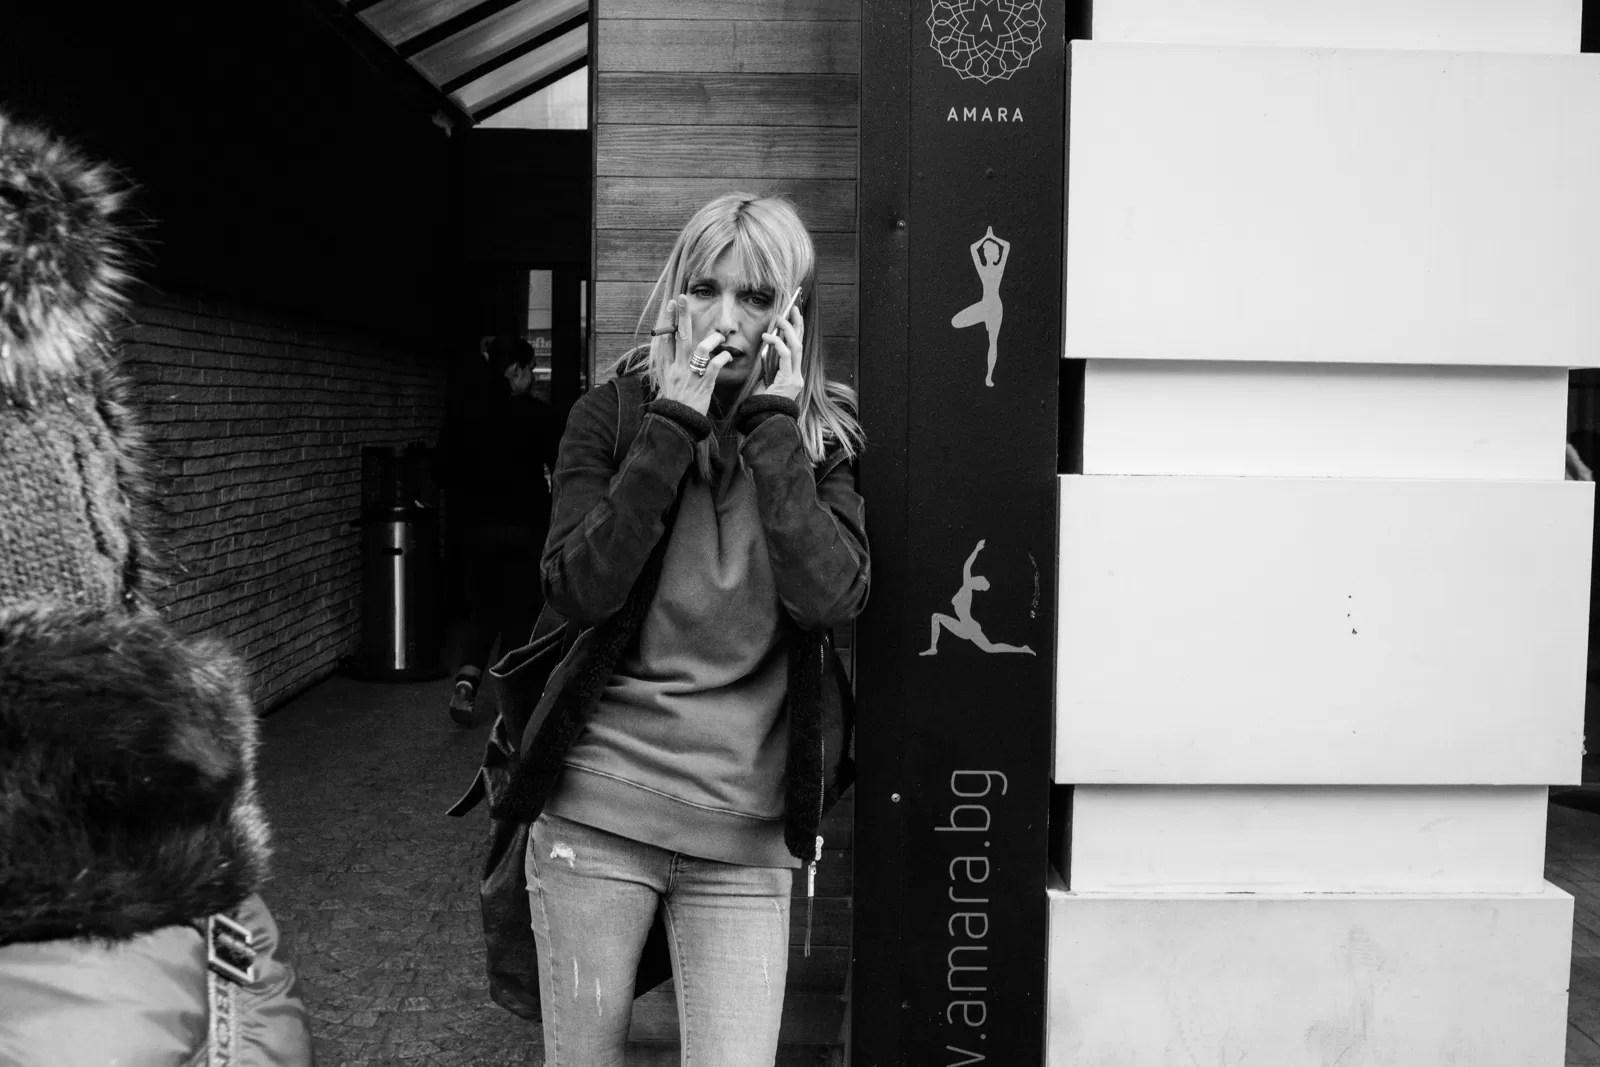 DSCF6329 - Un amore a primo scatto! Voigtlander e la Street Photography - fotostreet.it